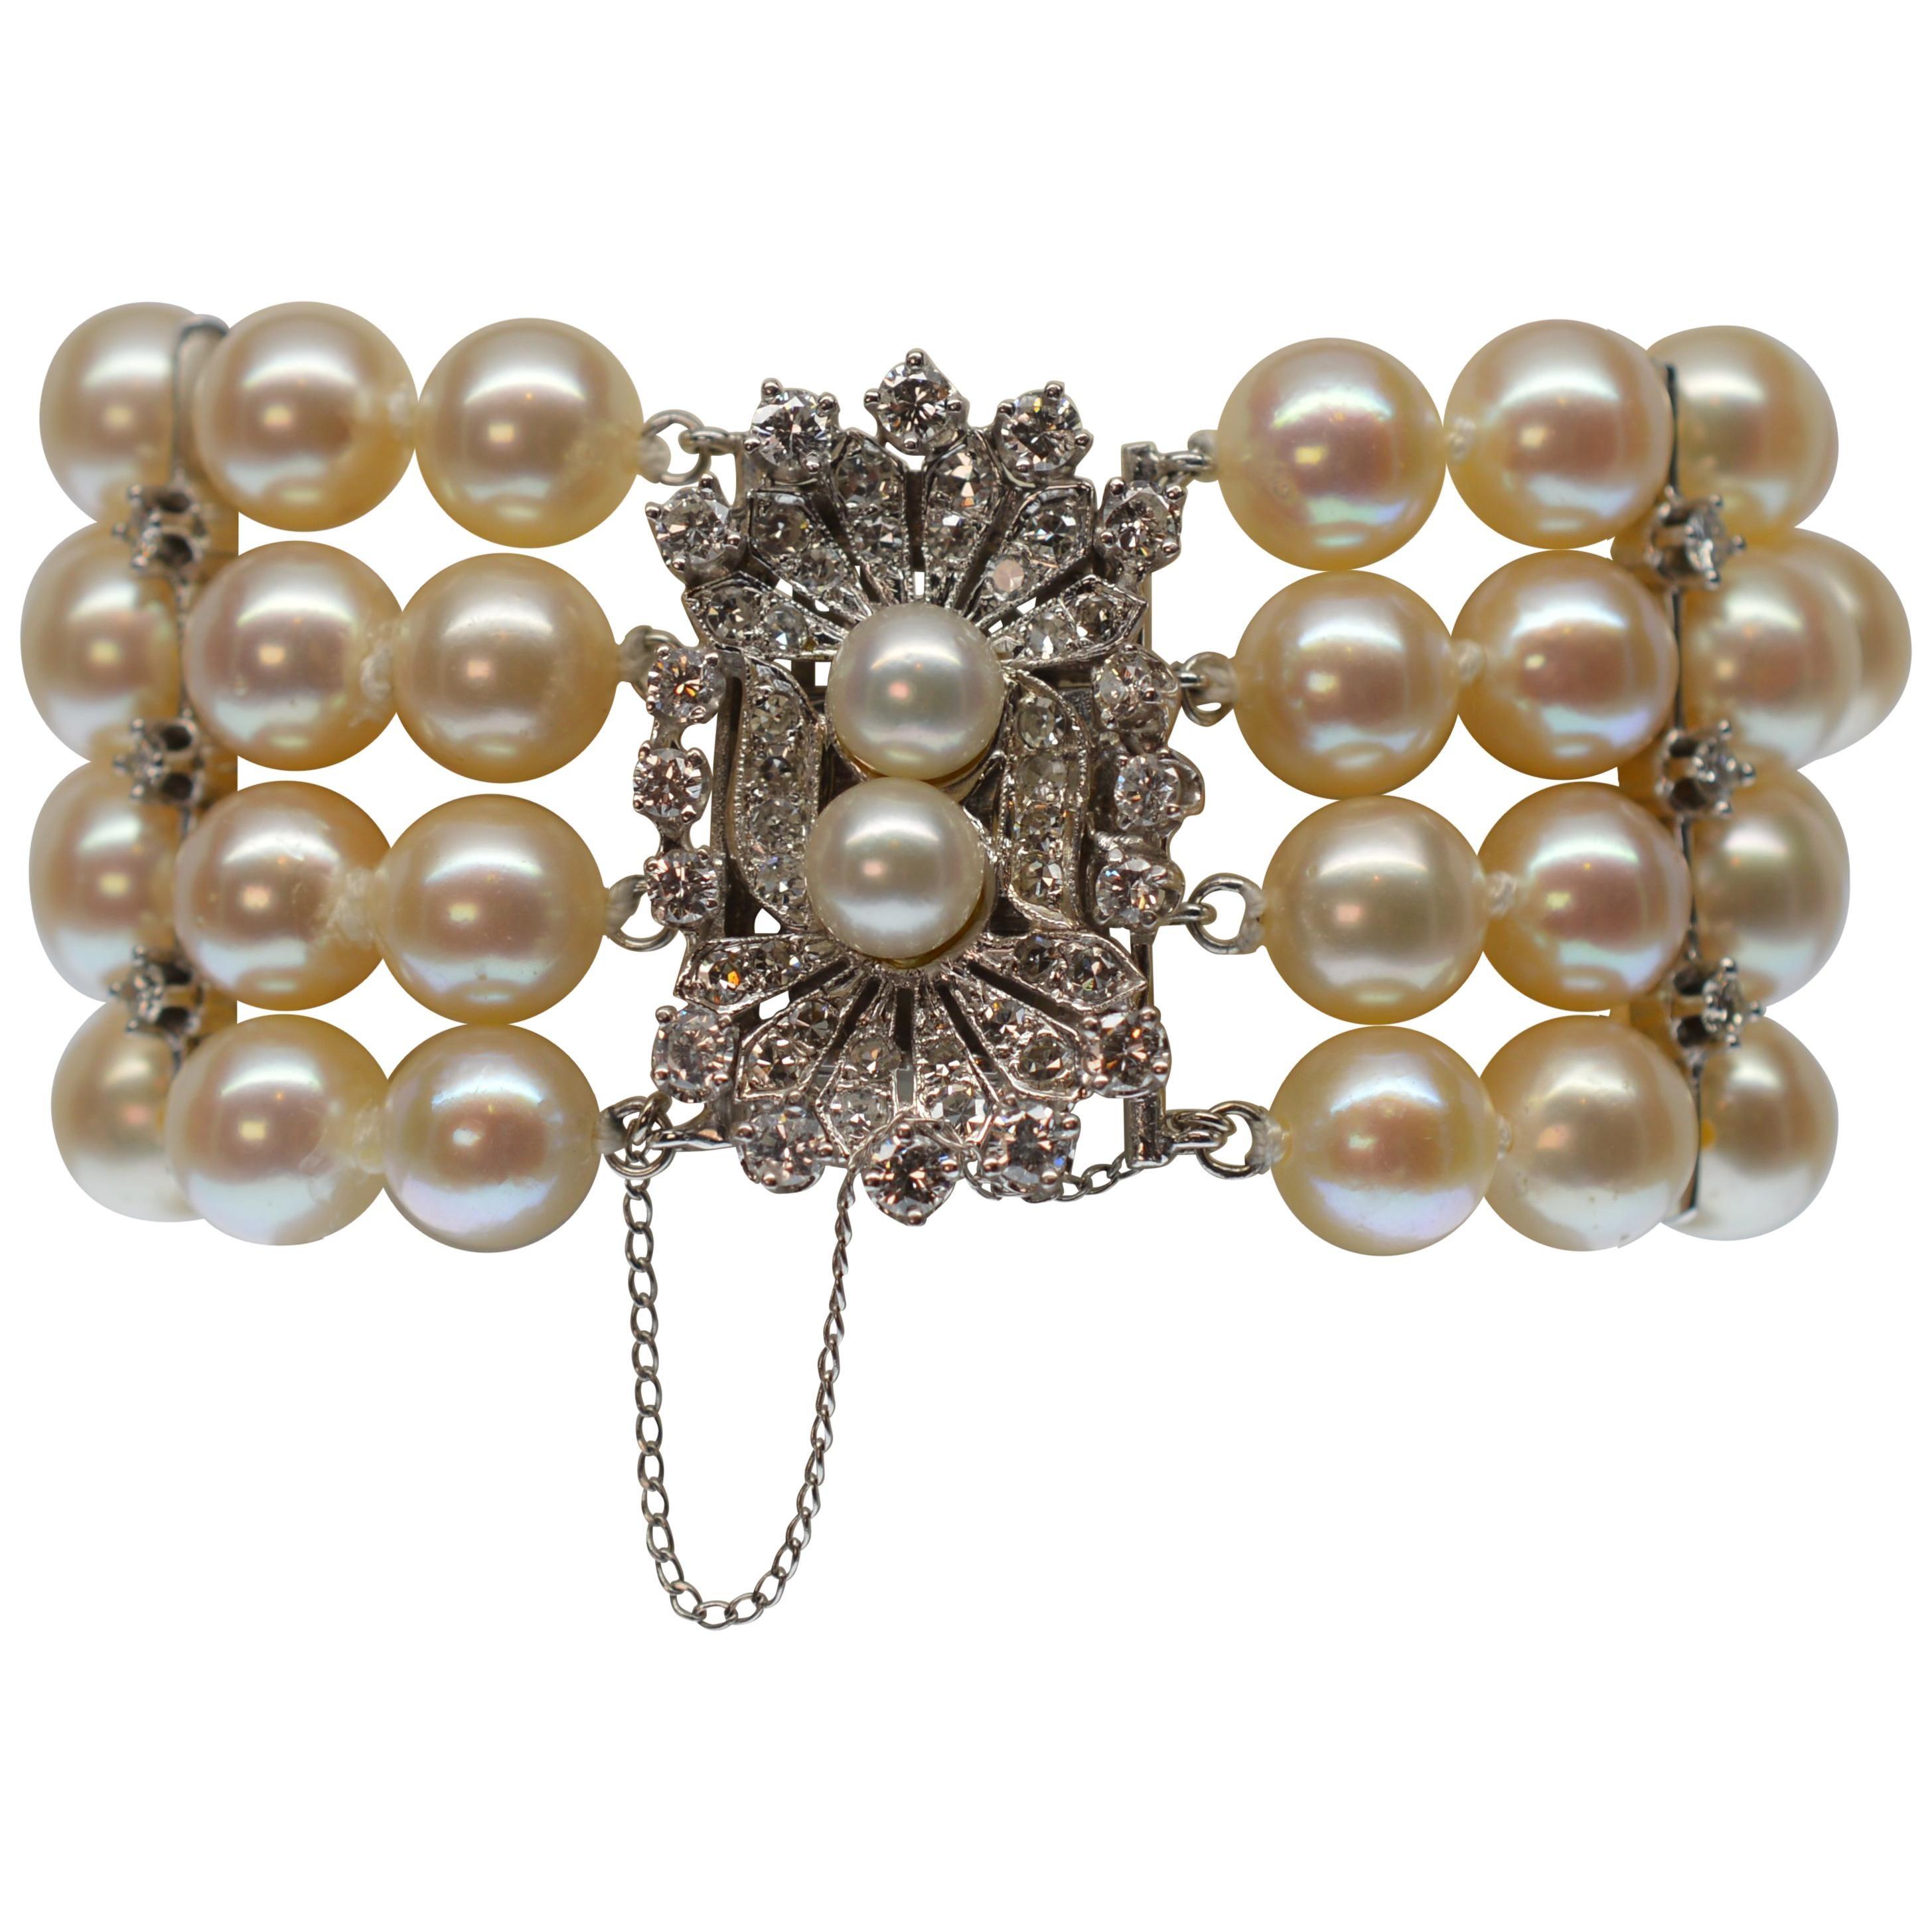 1950s Exquisite Custom Platinum, Diamond and Multi-Strand Round Pearl Bracelet